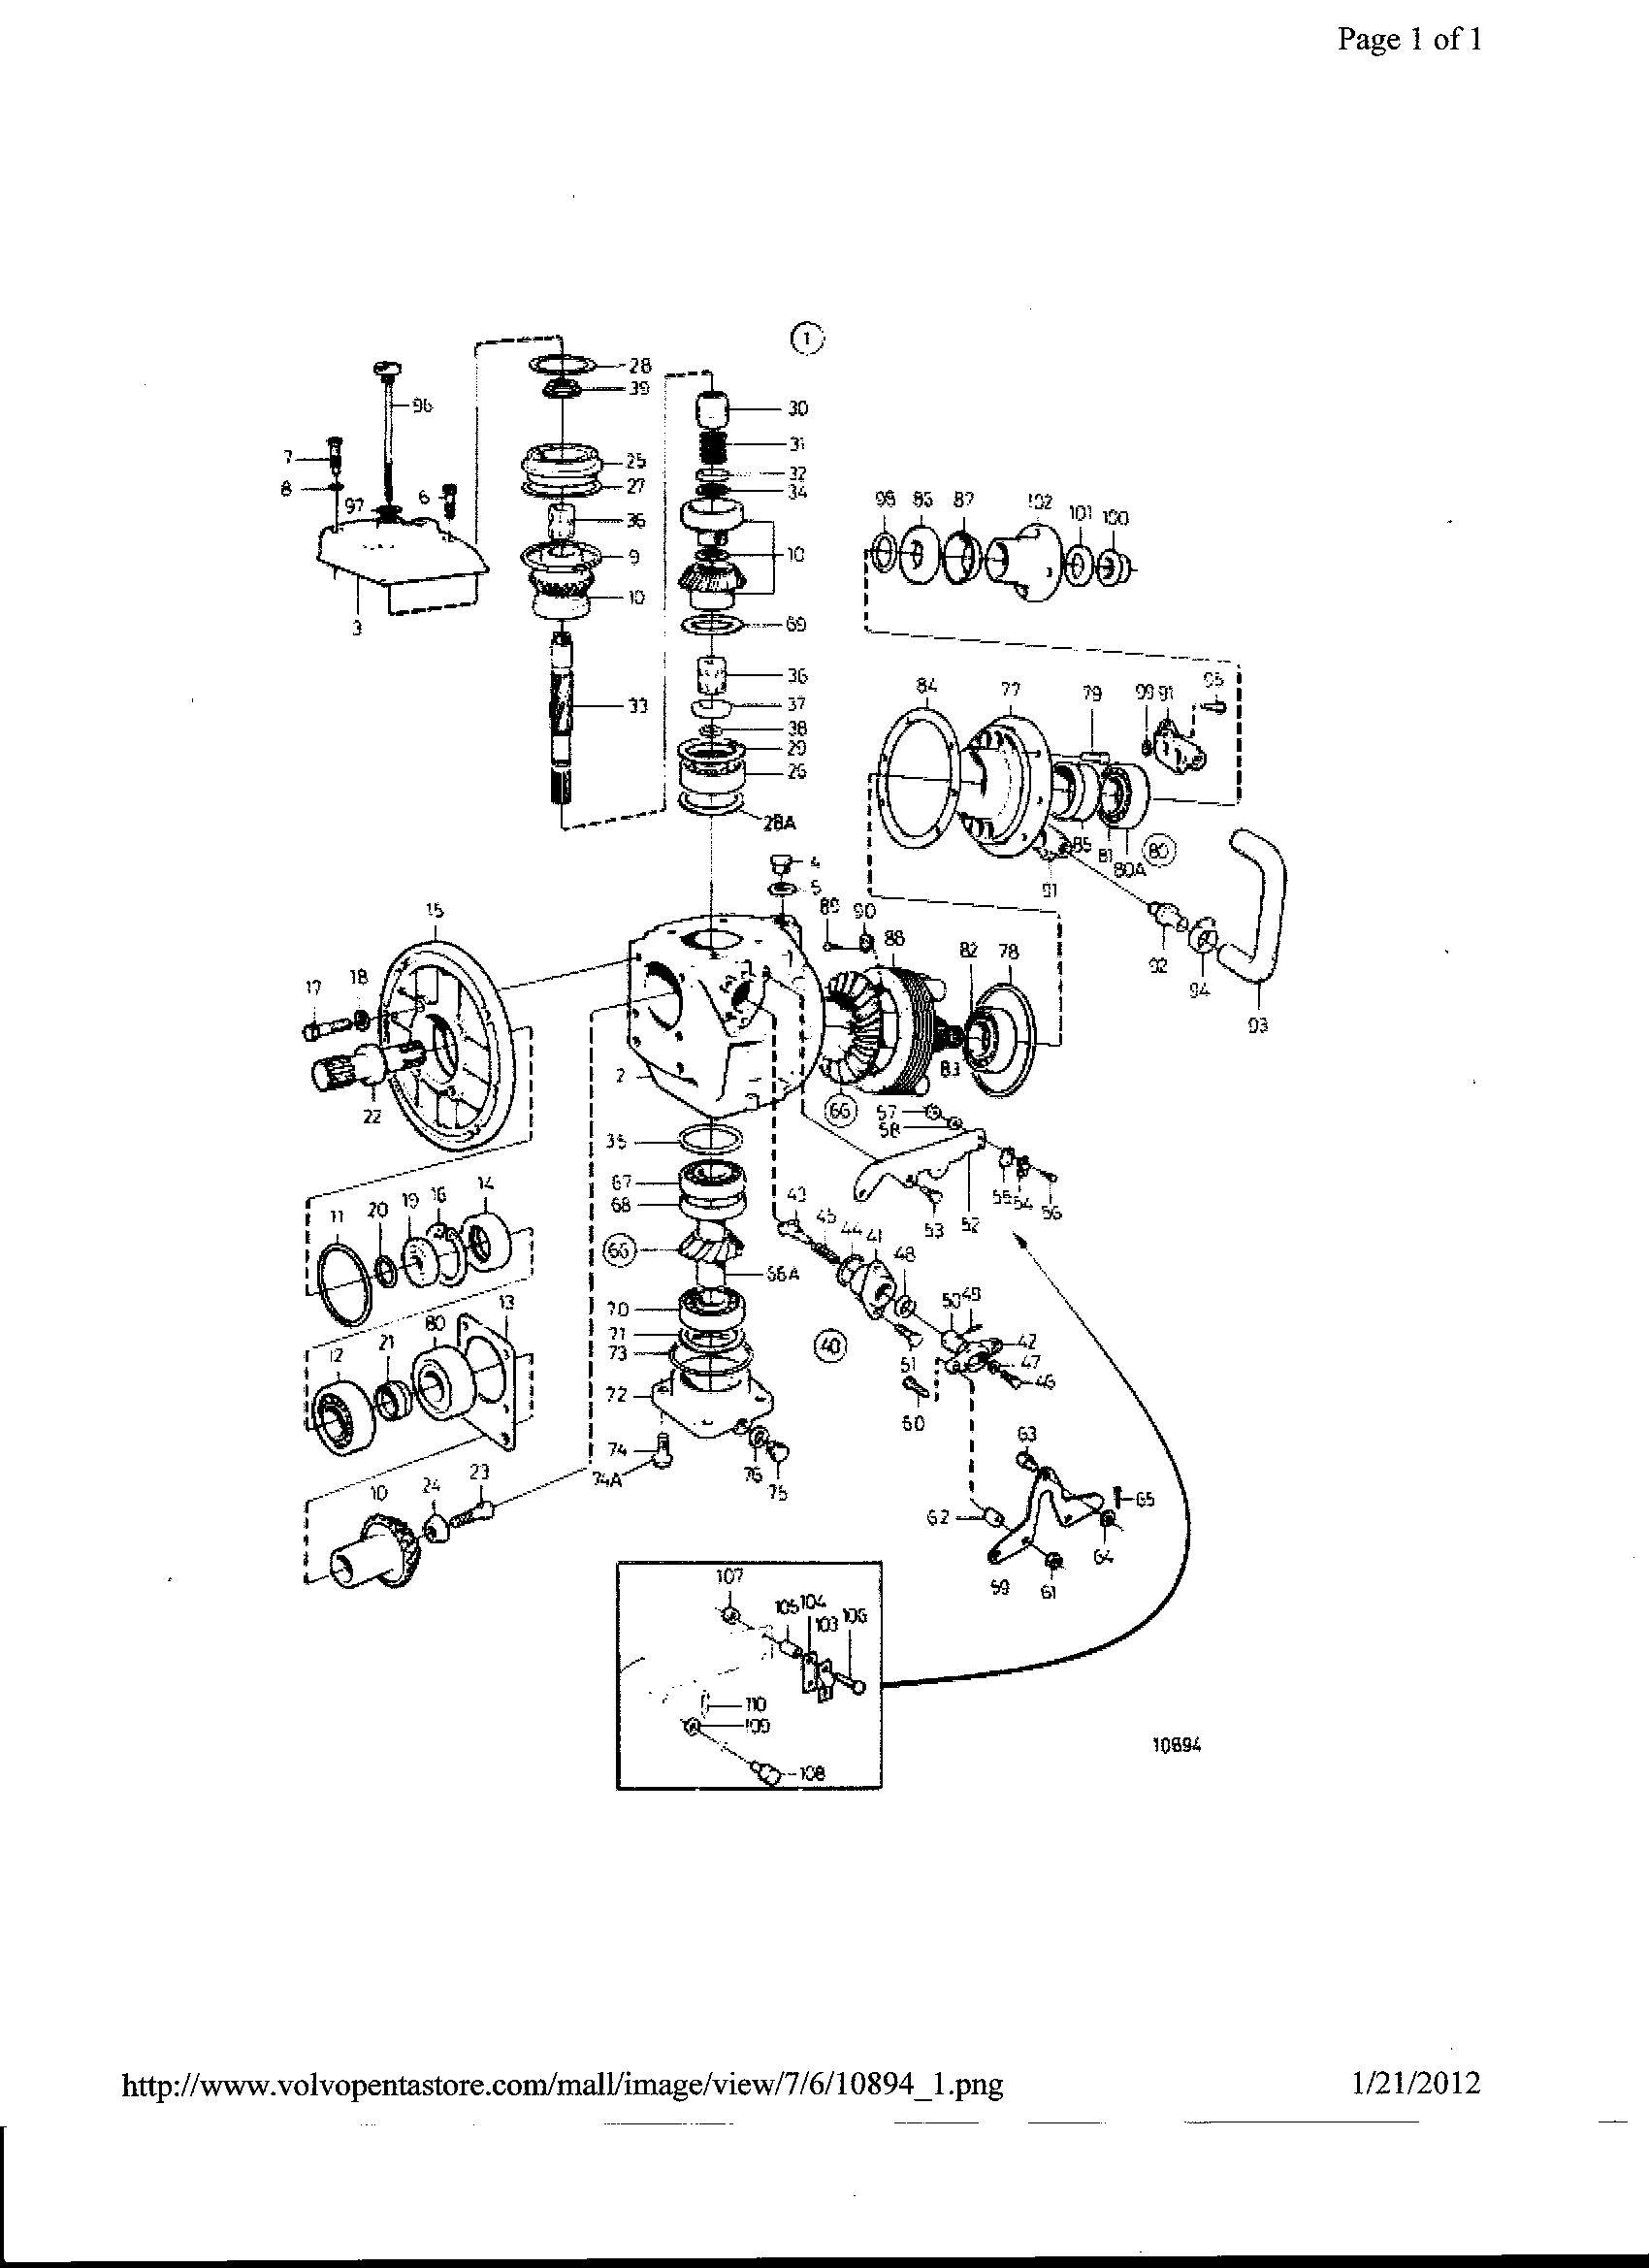 lost forward gear in 740 ms5 marine gears rh justanswer com Motorcycle Reverse Gear Motorcycle Reverse Gear